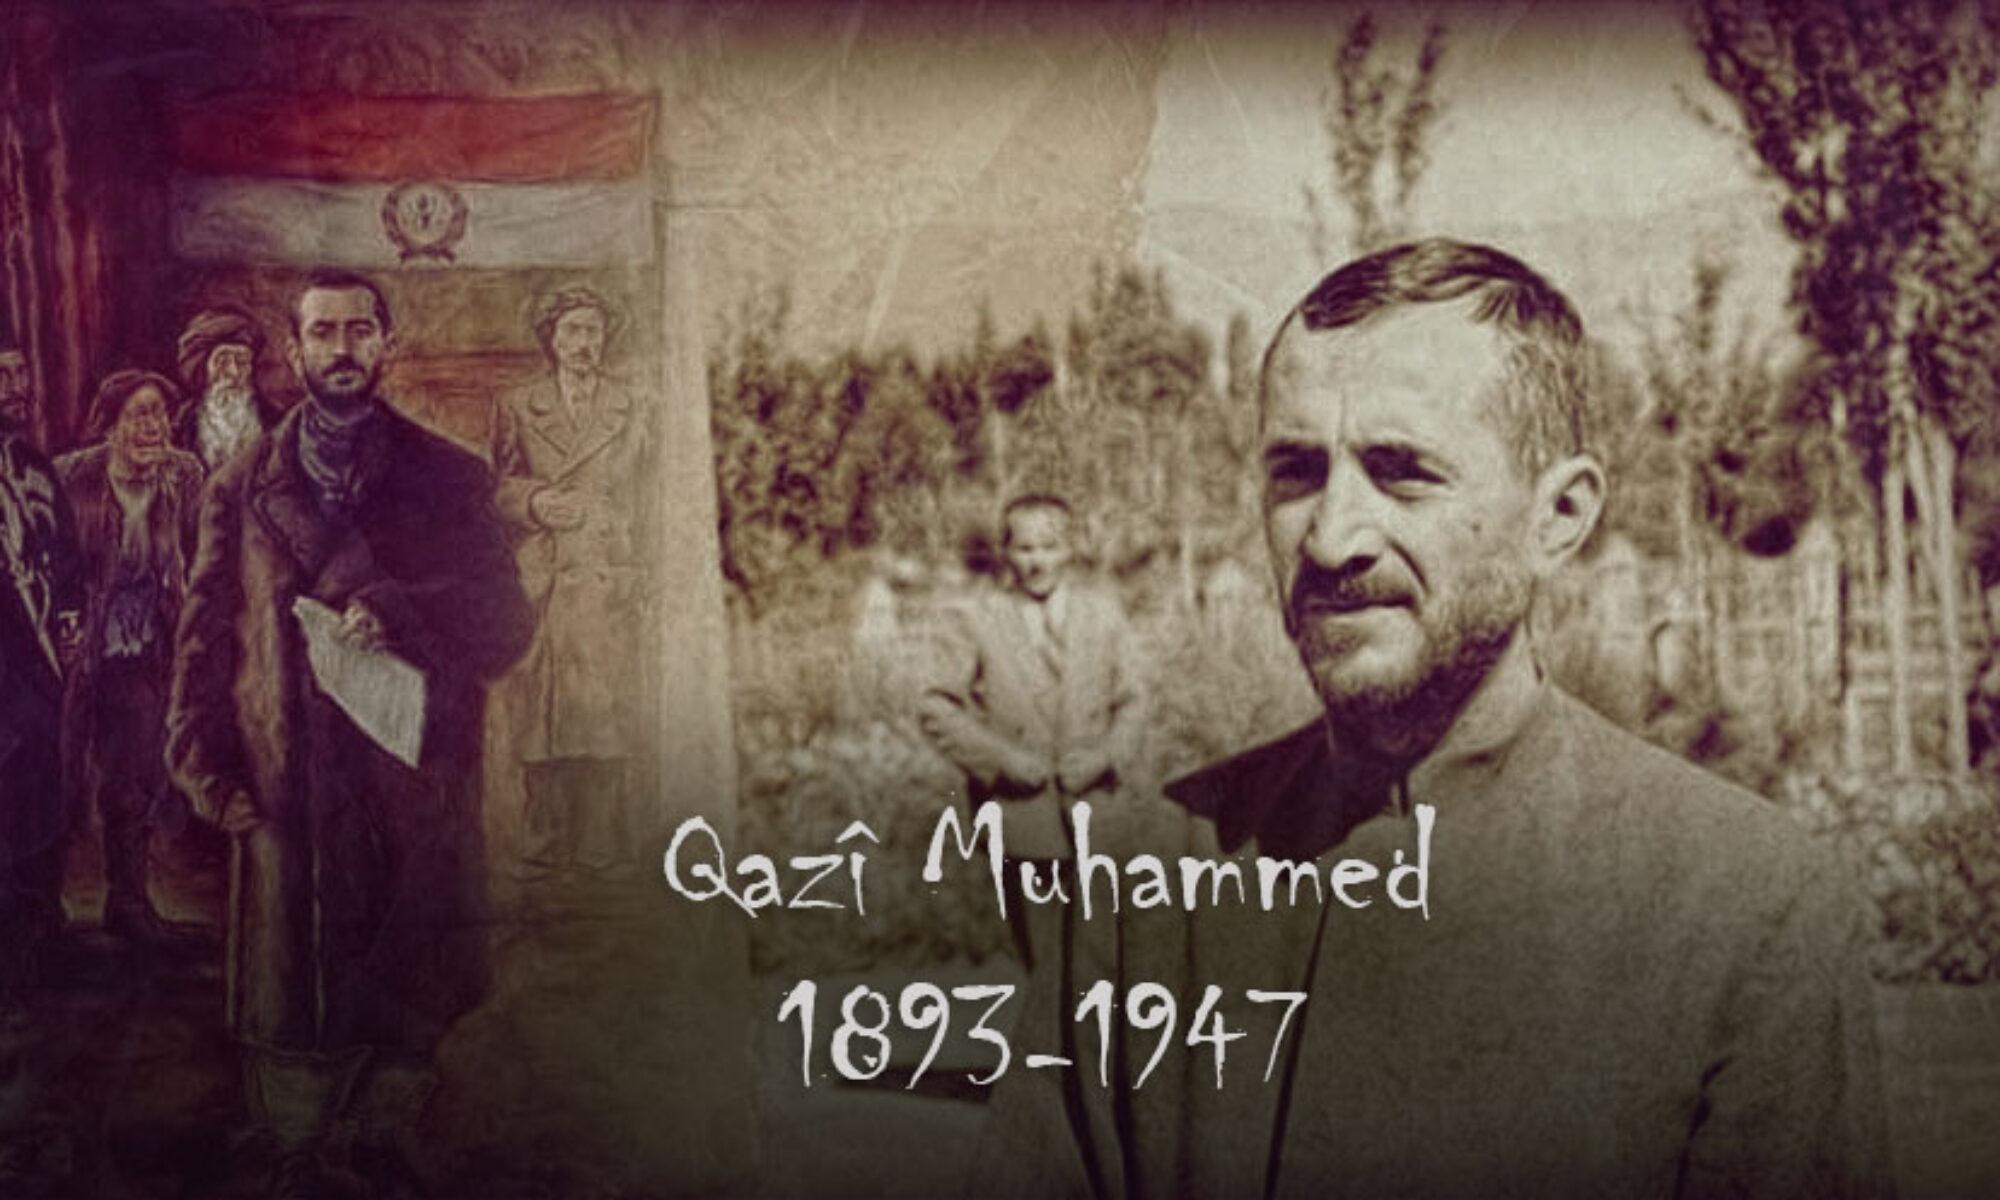 İdam edilişinin 74'üncü yıldönümünde Qazi Muhammed ve vasiyeti